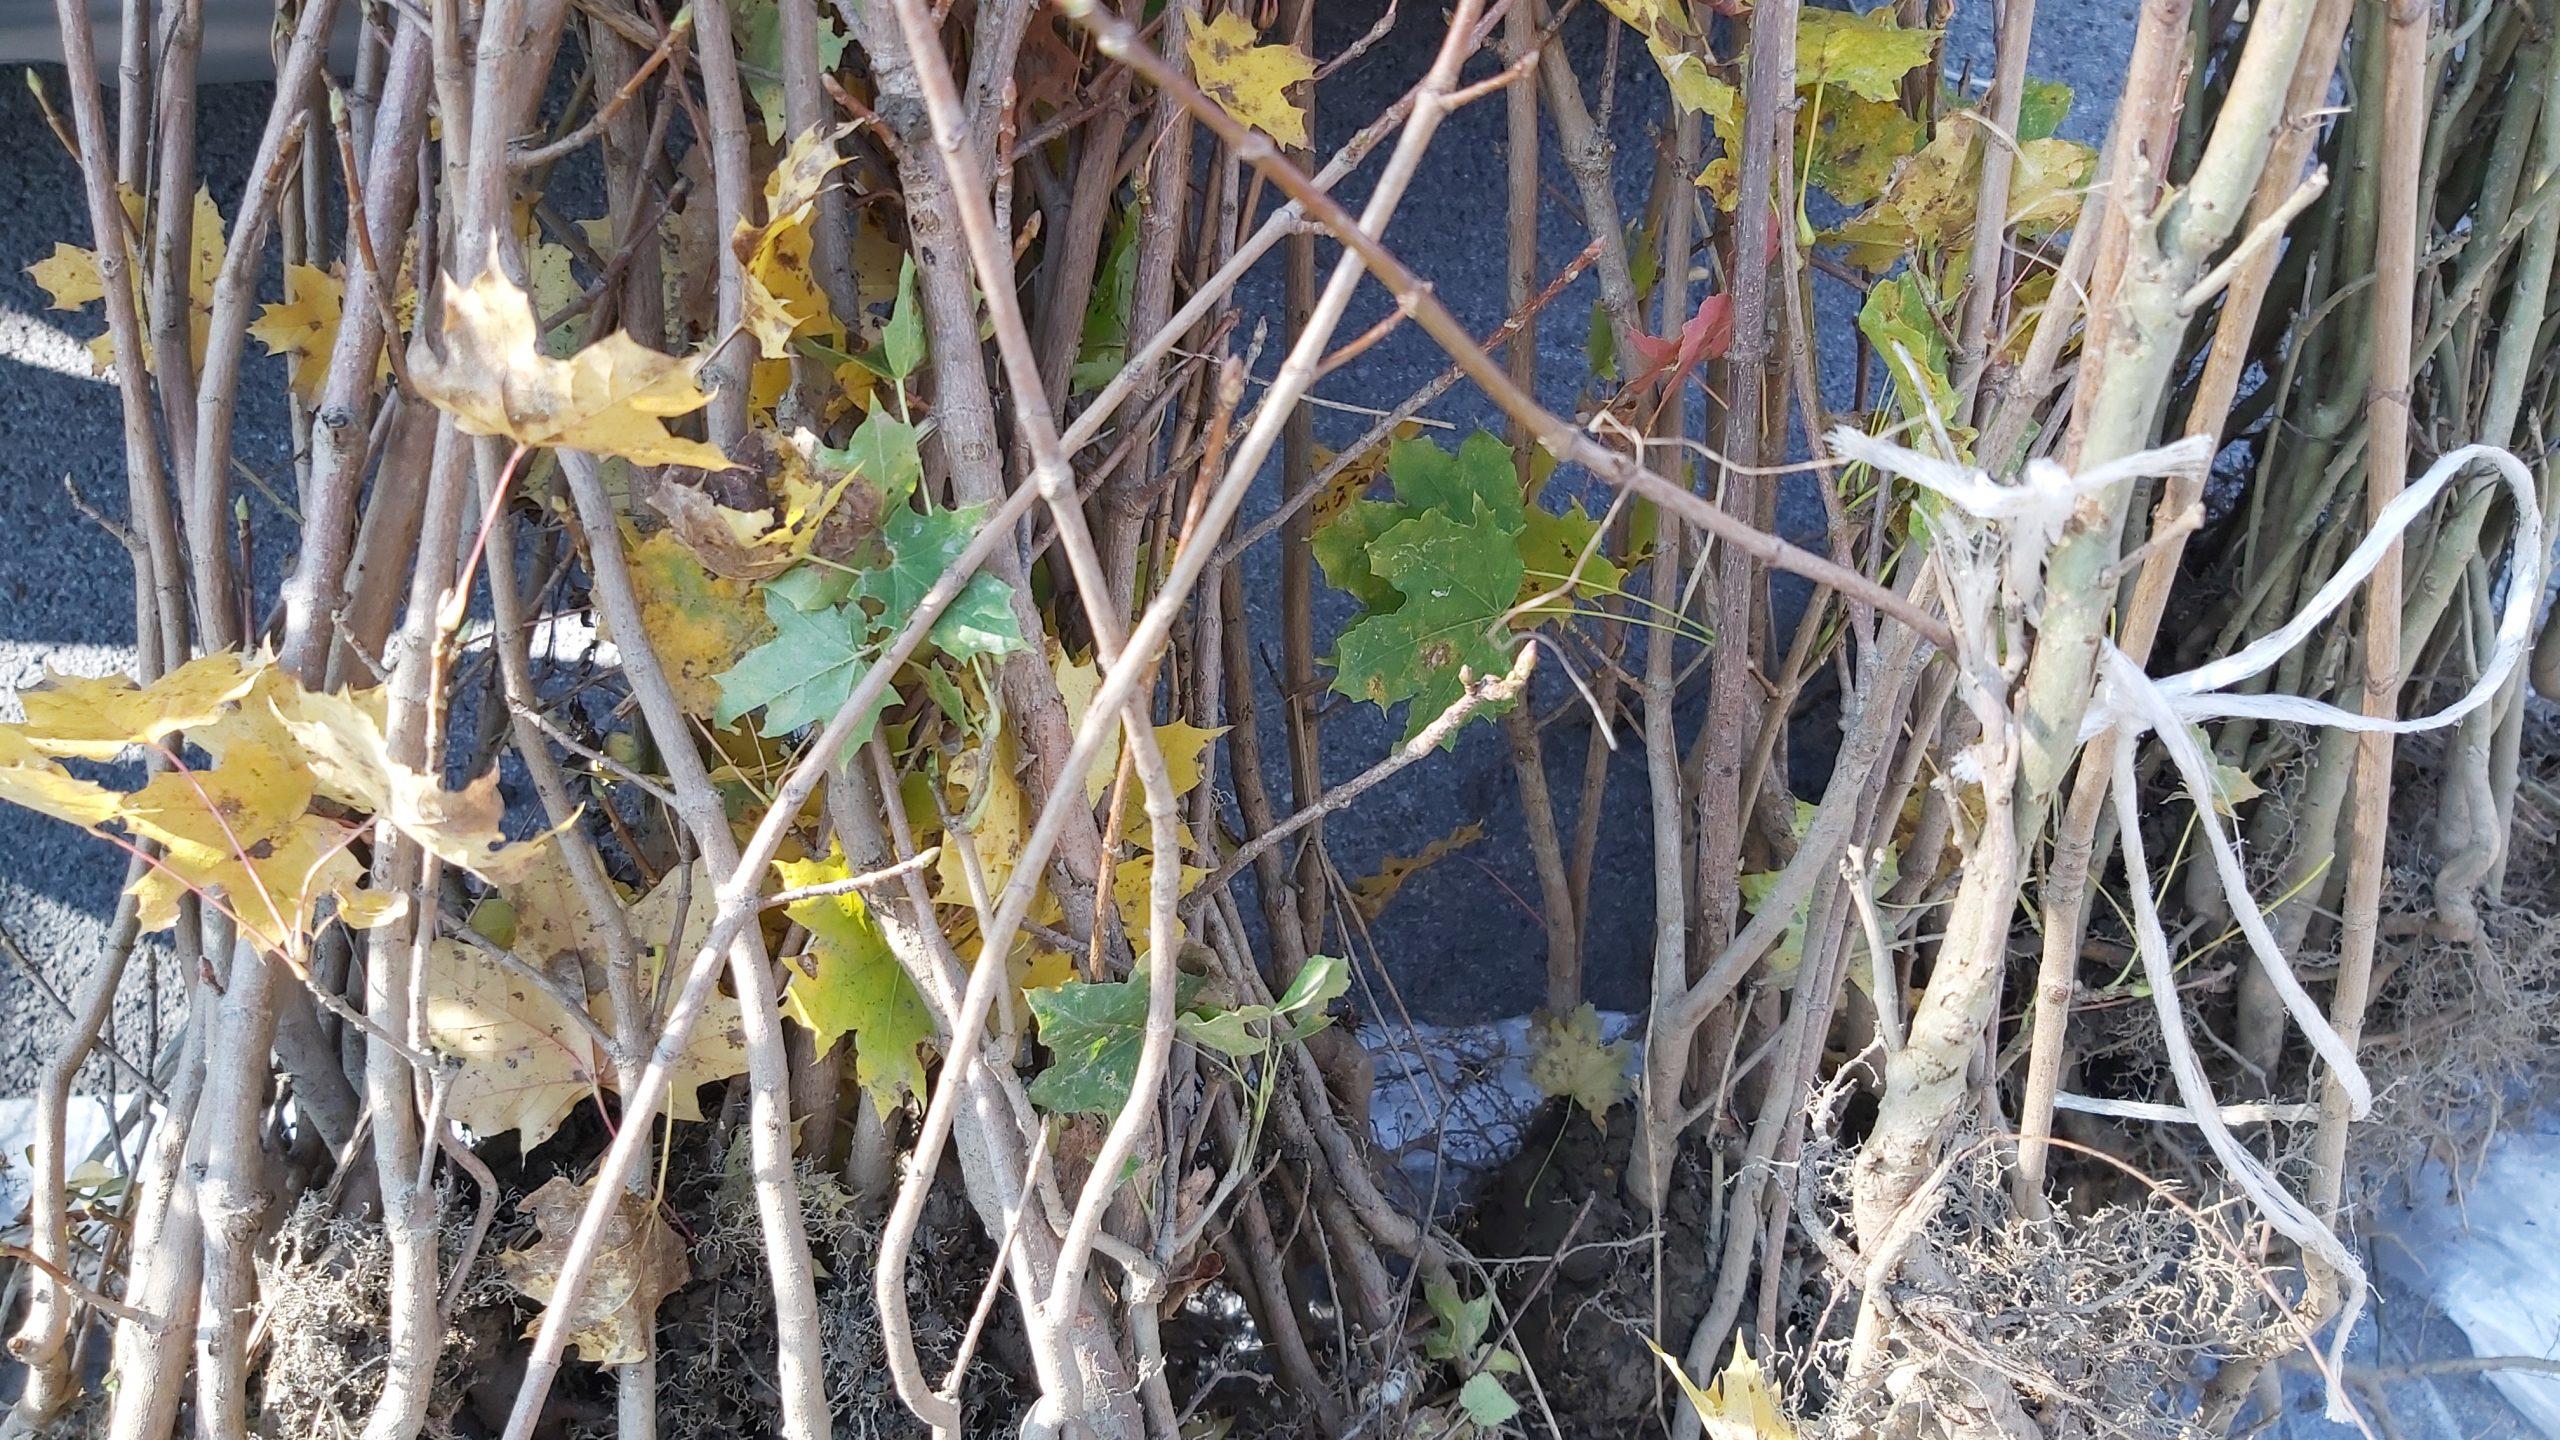 Oko 400 građana Užica se prijavilo da u svom dvorištu zasadi jasen ili javor, poklon lokalne samouprave u sklopu akcije 16 000 stabala za 16 000 ložišta.